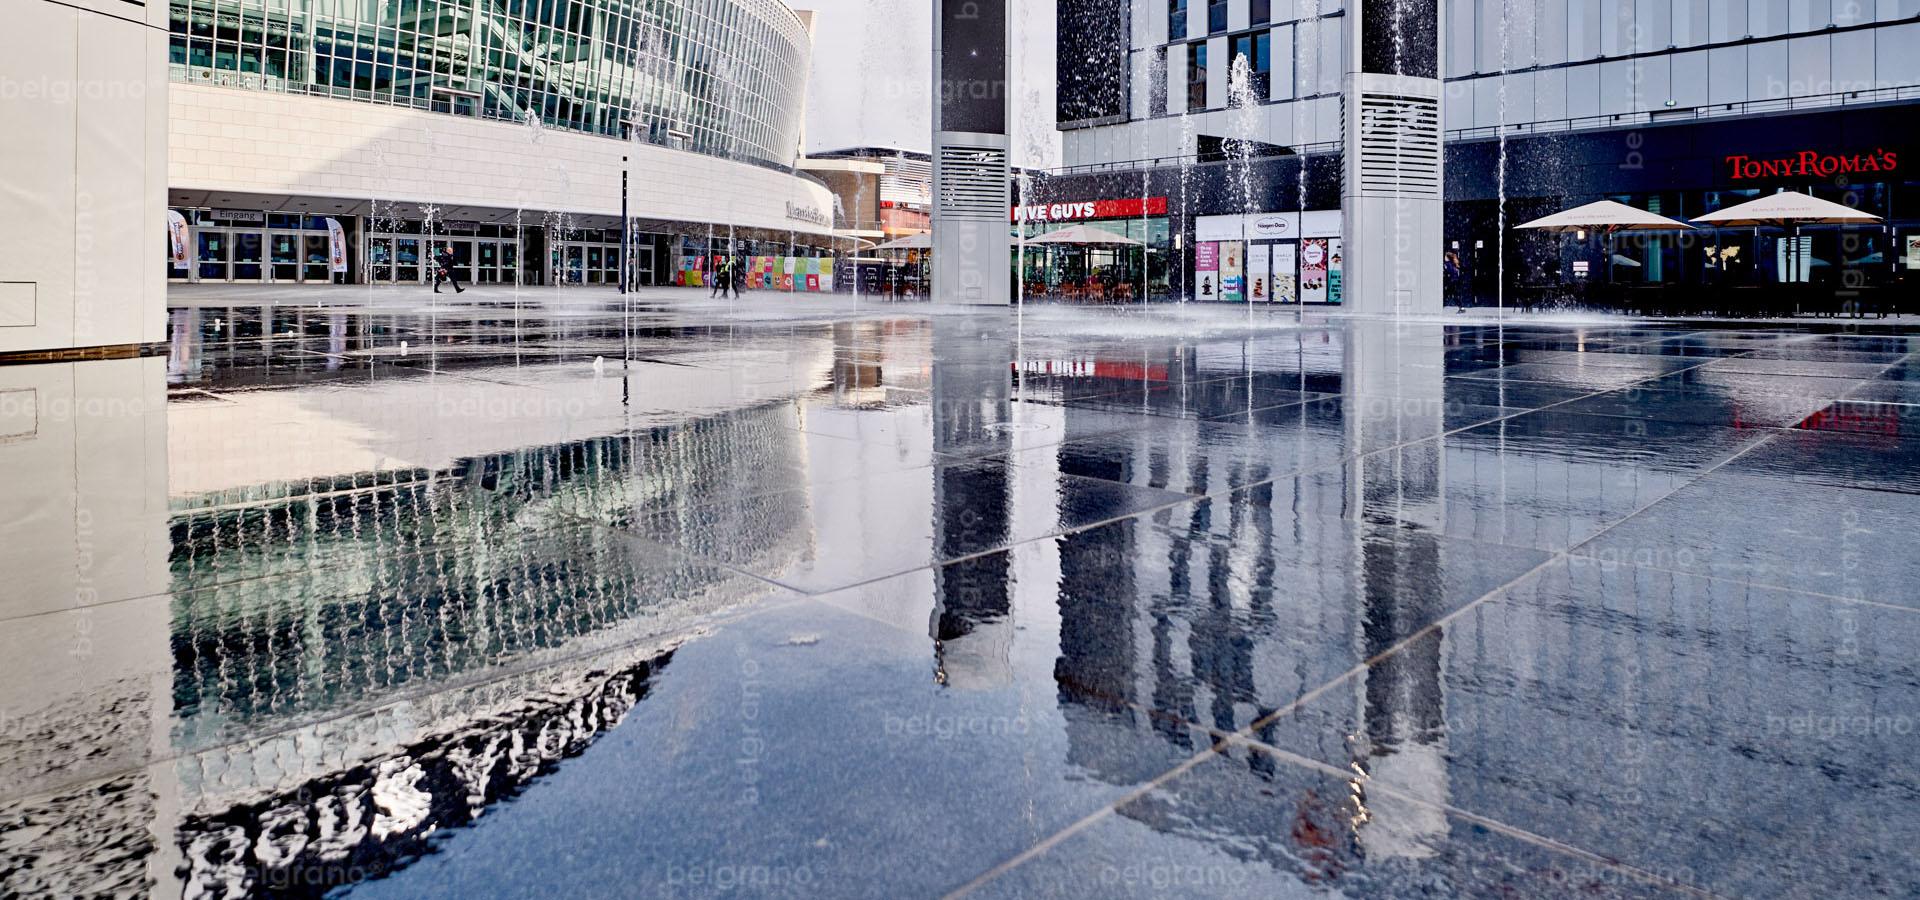 Mercedes Platz in Berlin mit einem belgrano® Naturstein Wasserspiel, Fontänenfeld und Bodenplatten aus Diorit